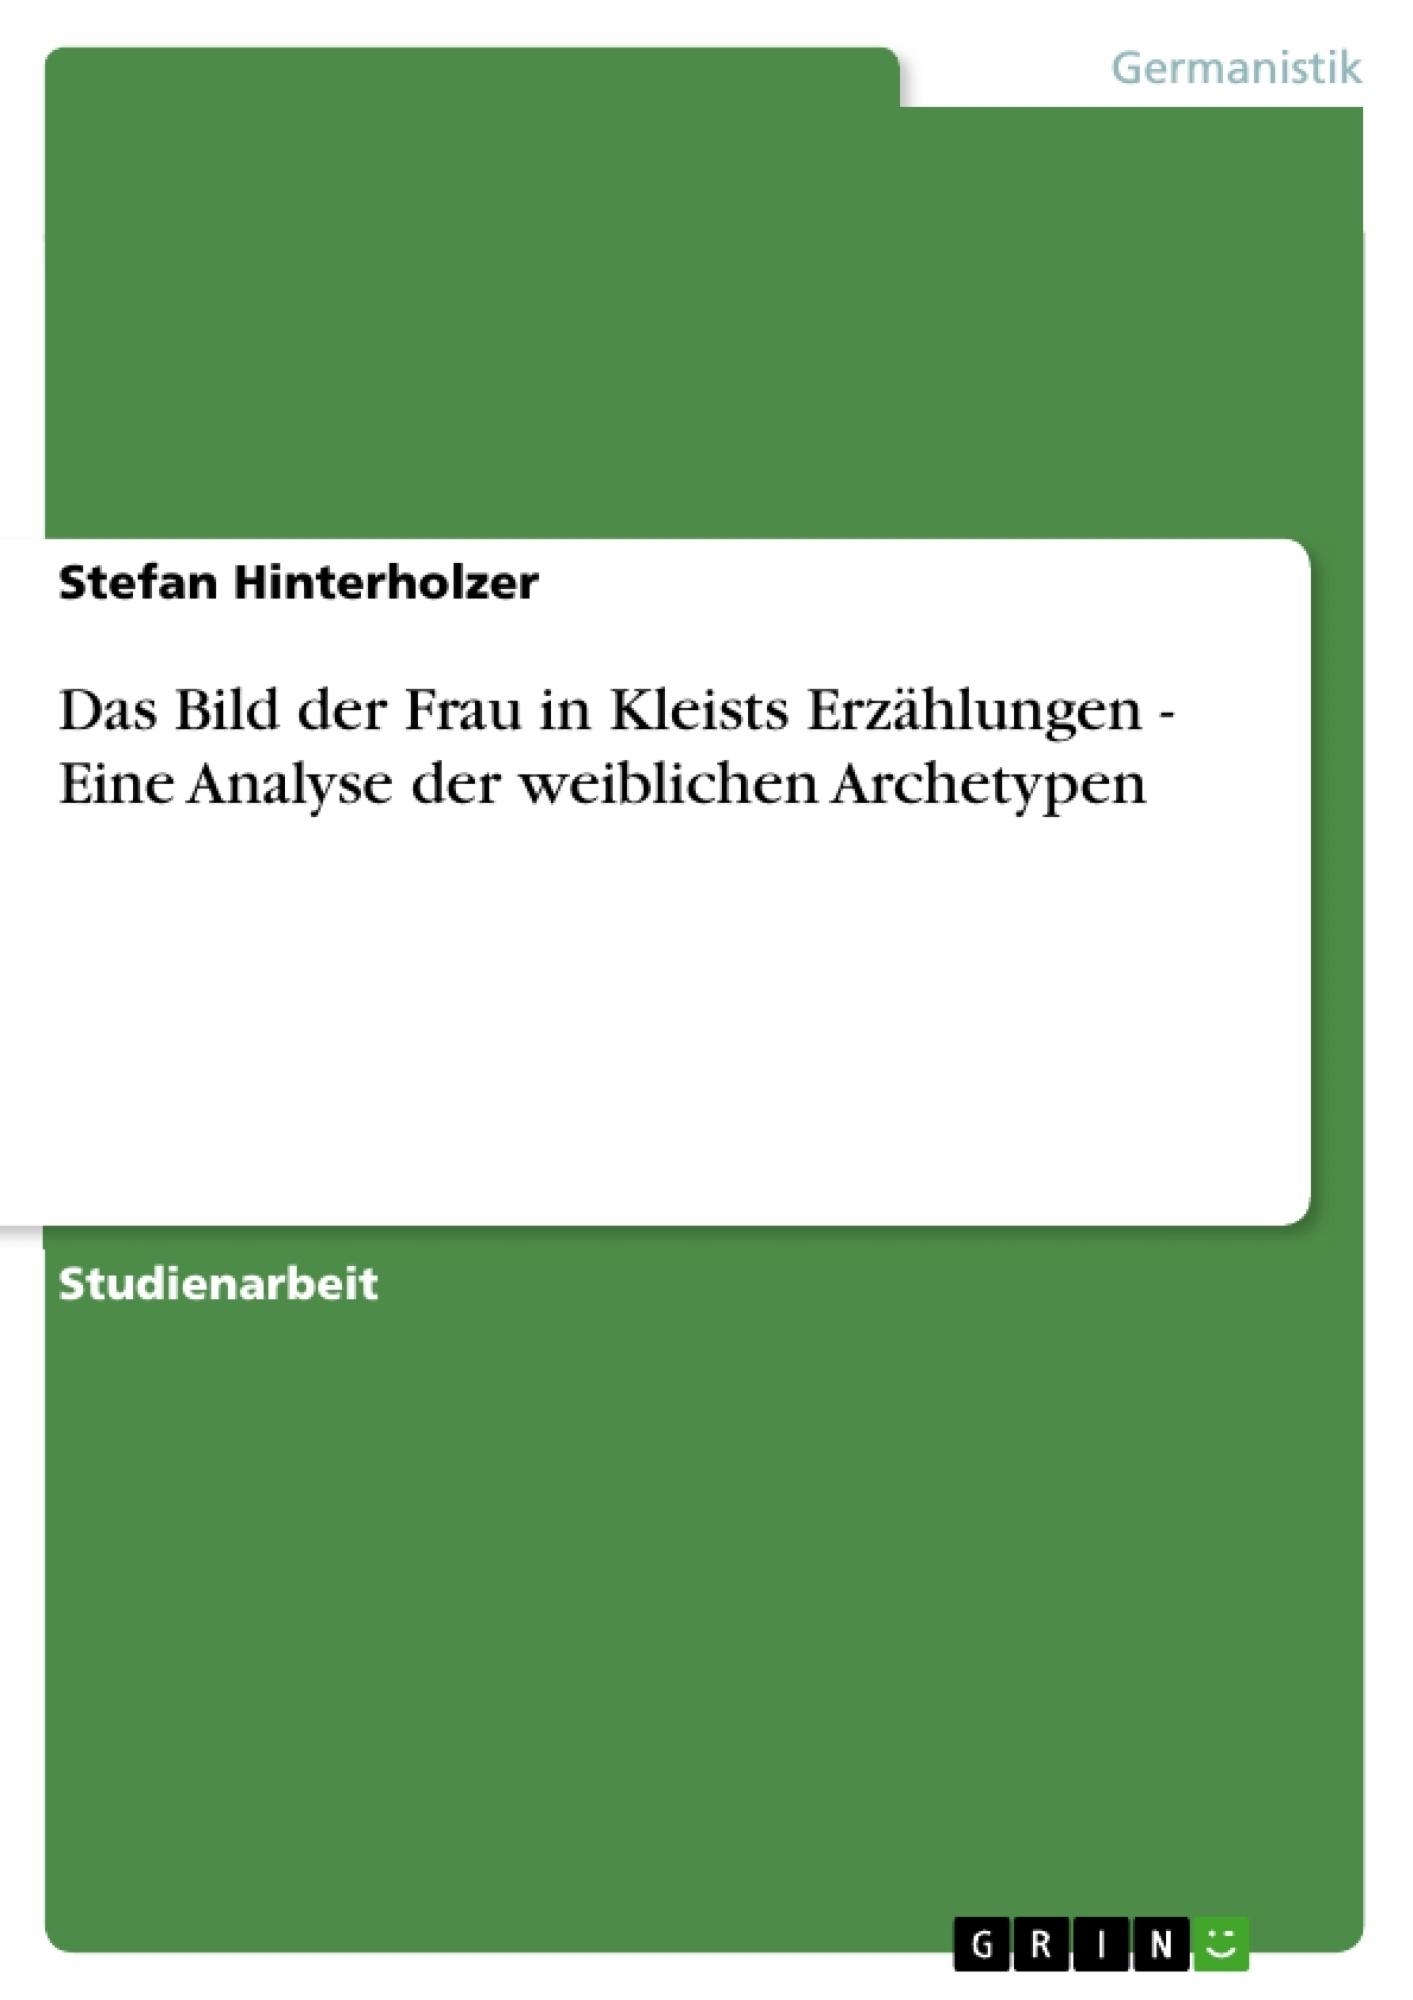 Titel: Das Bild der Frau in Kleists Erzählungen - Eine Analyse der weiblichen Archetypen